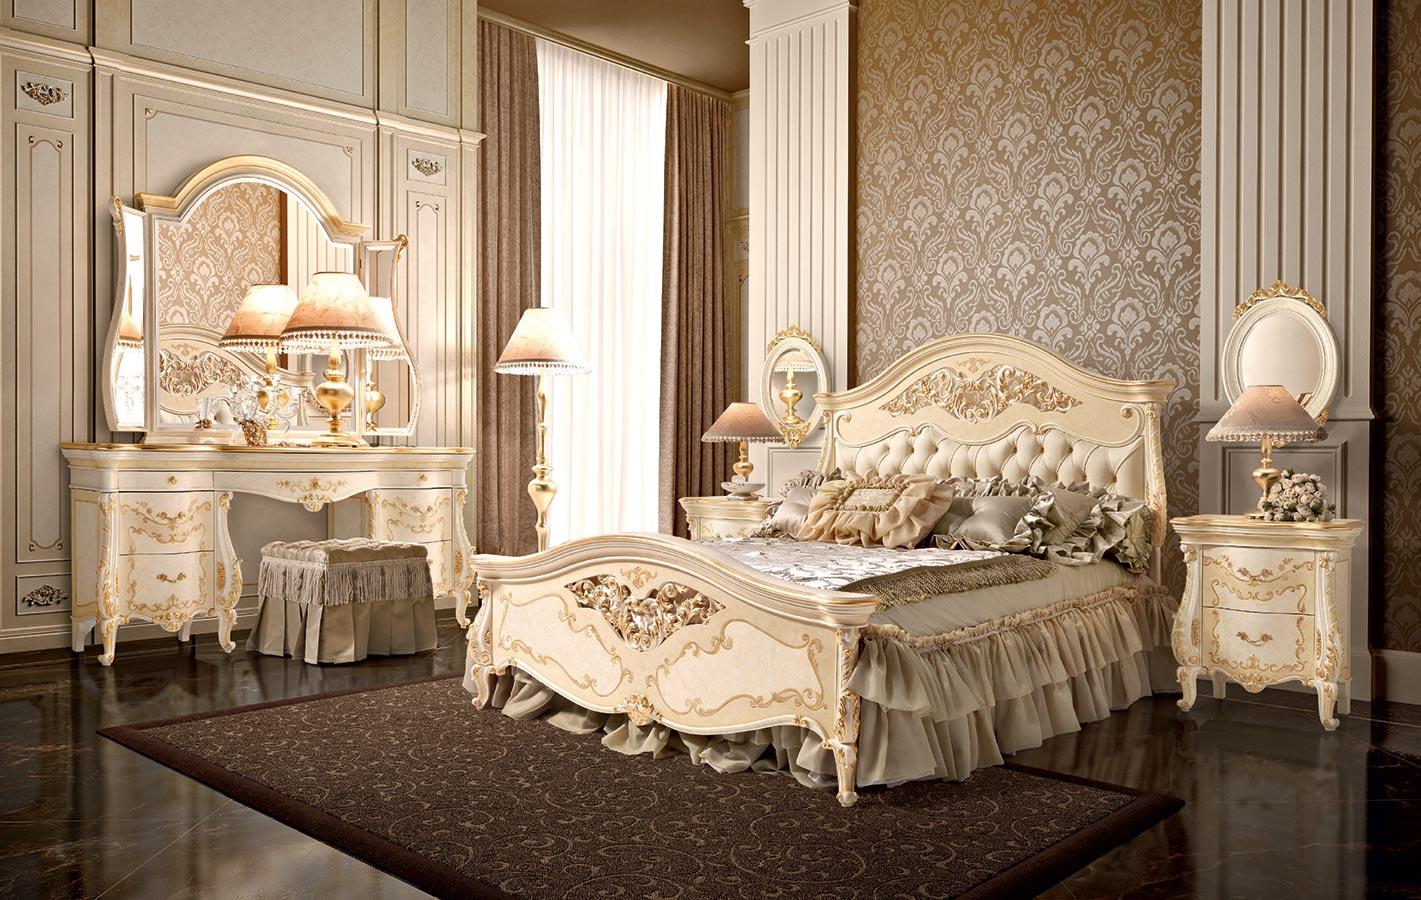 ديكورات غرف نوم كلاسيك (7)